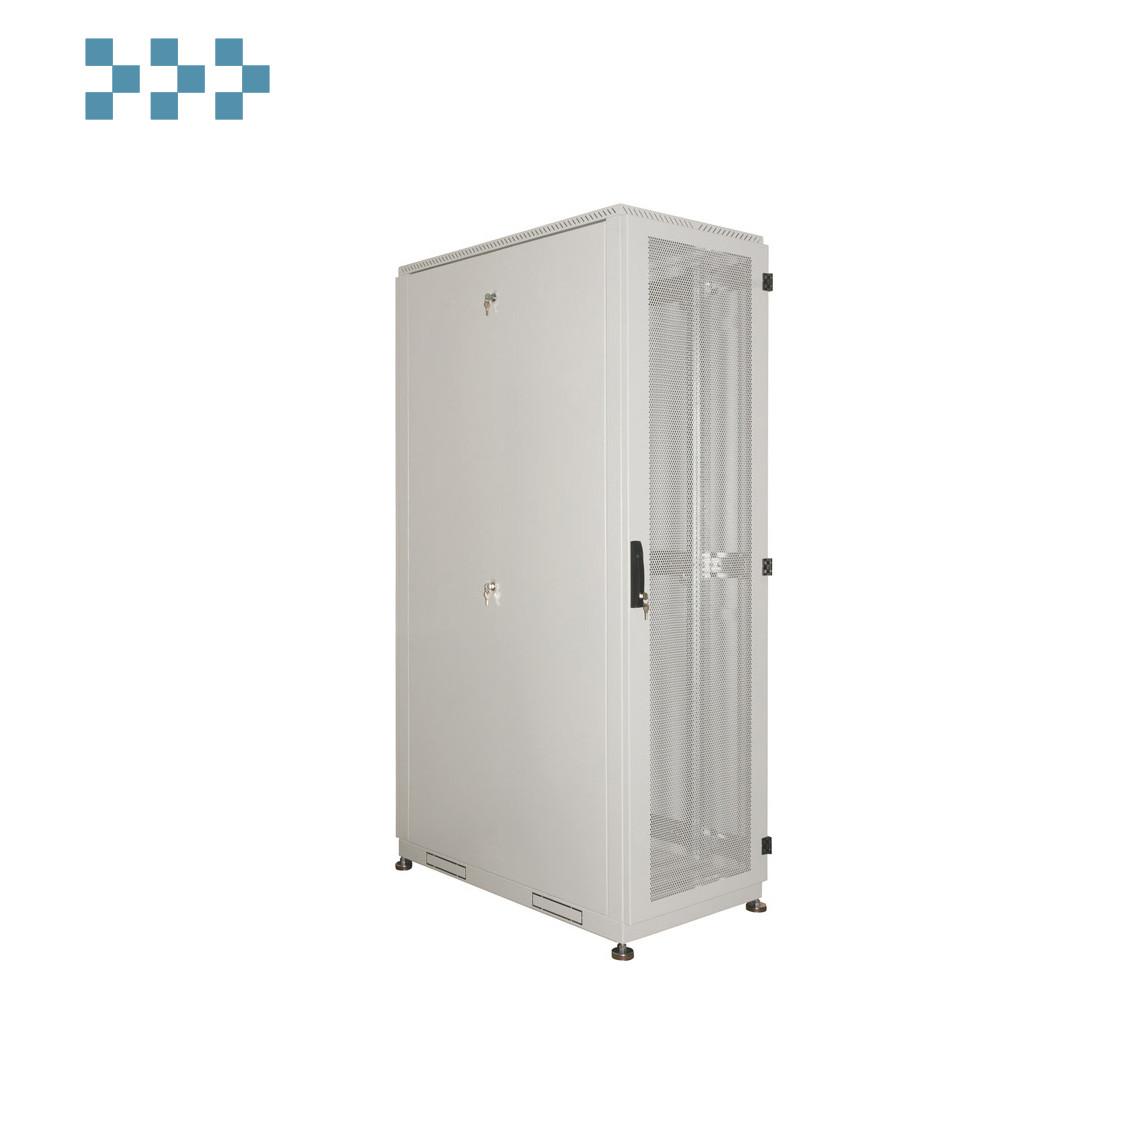 Шкаф серверный напольный 33U ЦМО ШТК-С-33.6.10-44АА